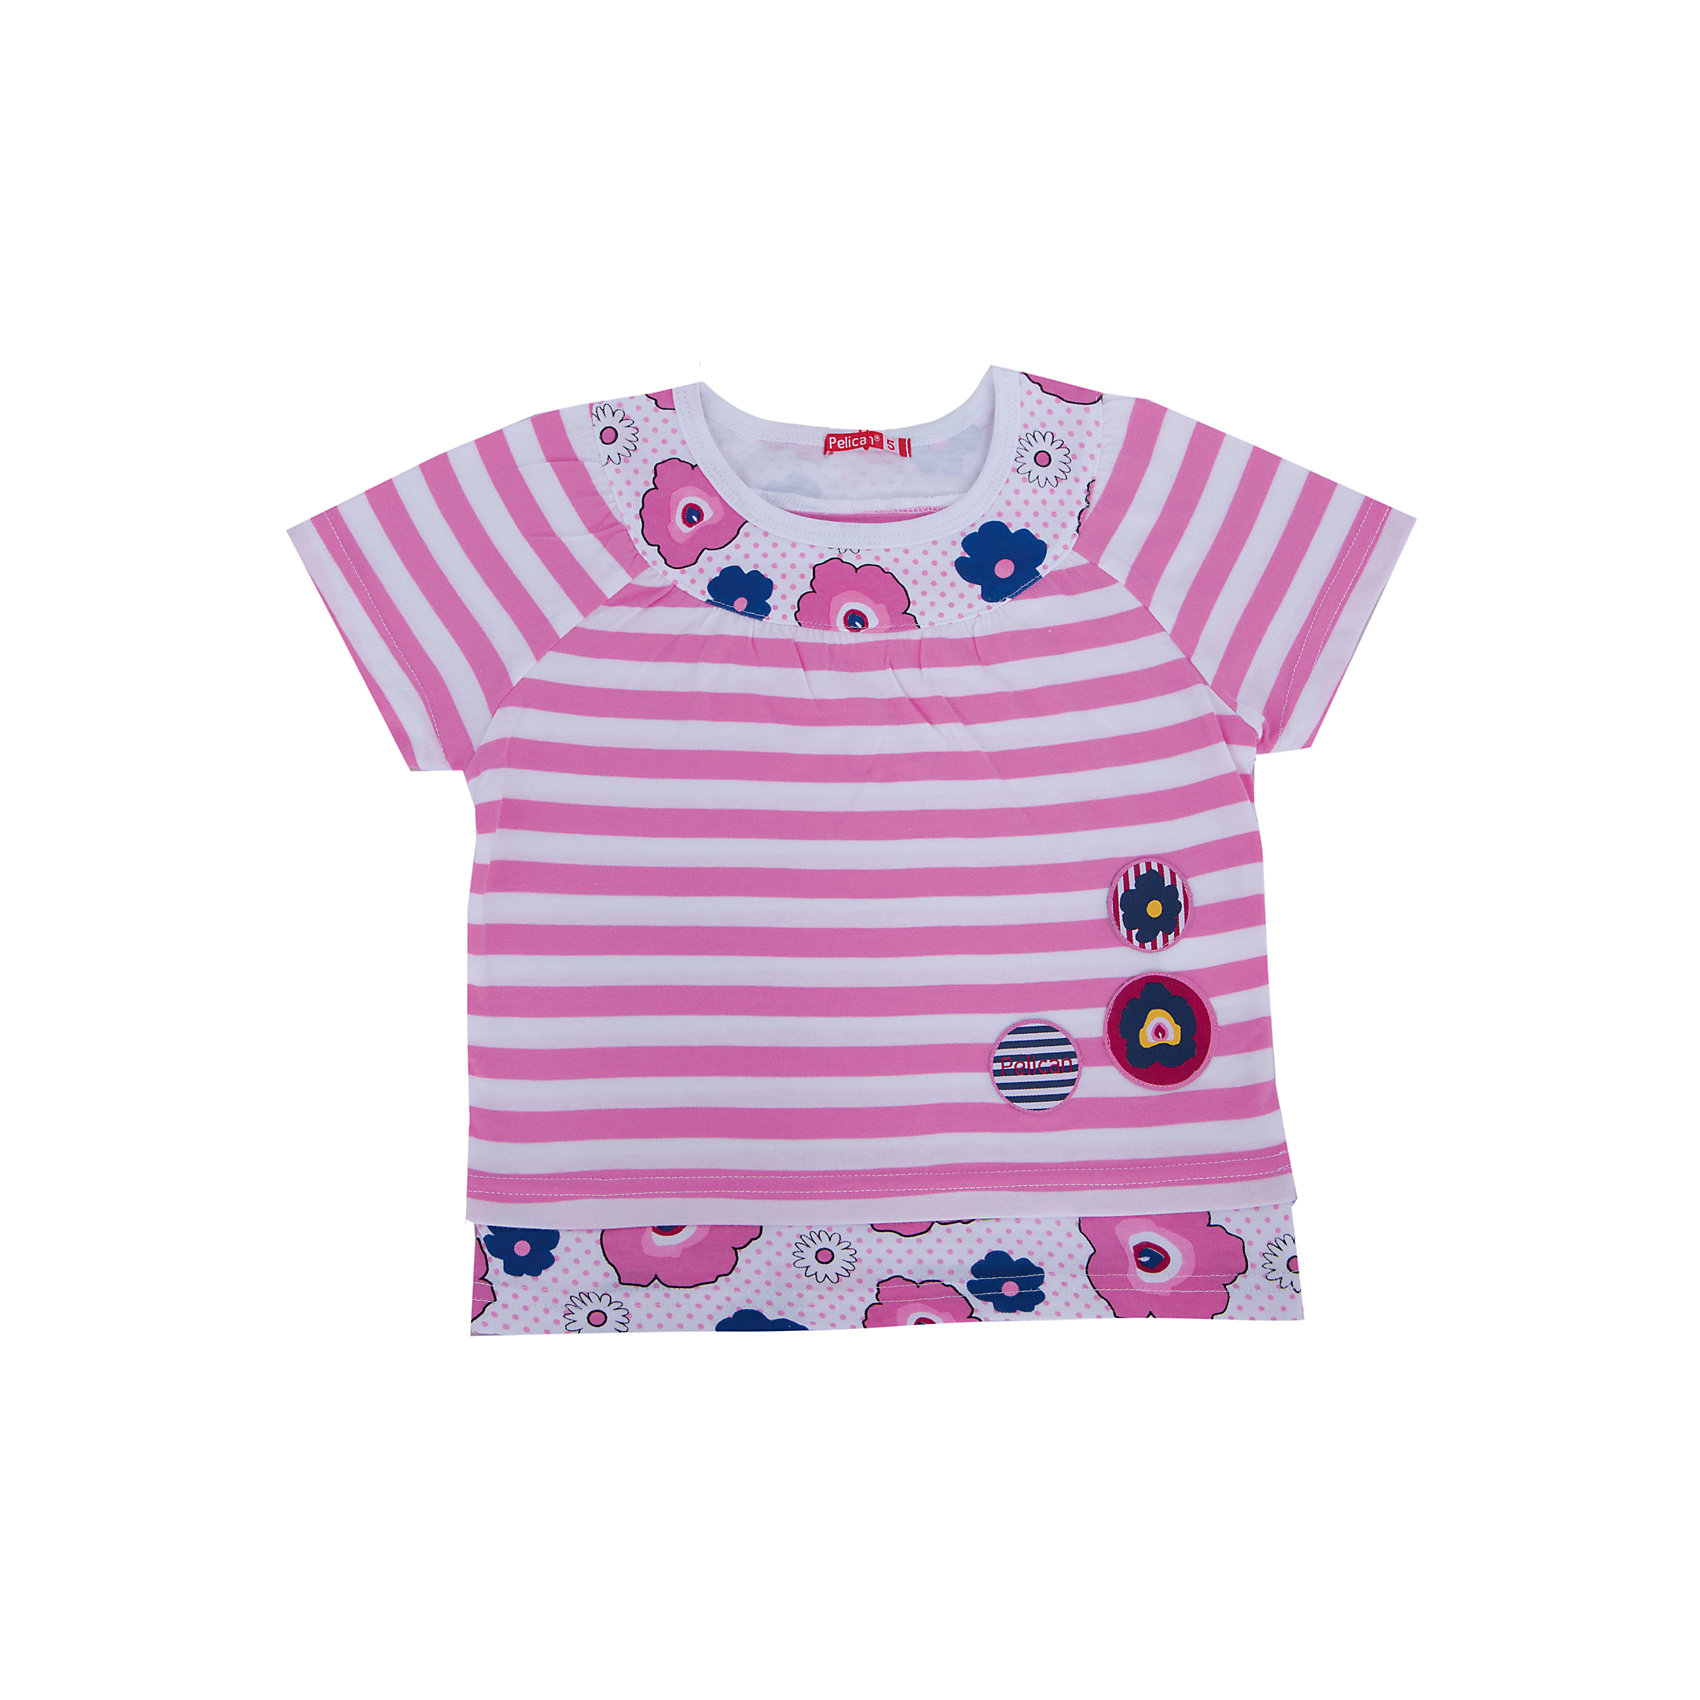 Футболка для девочки PELICANМодная футболка для девочки поможет разнообразить гардероб ребенка, создать легкий подходящий погоде ансамбль. Удобный крой и качественный материал обеспечат ребенку комфорт при ношении этих вещей. <br>Футболка очень стильно смотрится благодаря актуальному дизайну. Изделие украшено модным принтом, контрастной вставкой на горловине. Рукава - короткие. Материал - легкий, отлично подходит для лета, состоит из дышащего натурального хлопка. Очень приятен на ощупь, не вызывает аллергии.<br><br>Дополнительная информация:<br><br>материал: 100% хлопок;<br>цвет: розовый;<br>принт;<br>рукава короткие.<br><br>Футболку для девочки от бренда PELICAN (Пеликан) можно купить в нашем магазине.<br><br>Ширина мм: 199<br>Глубина мм: 10<br>Высота мм: 161<br>Вес г: 151<br>Цвет: розовый<br>Возраст от месяцев: 48<br>Возраст до месяцев: 60<br>Пол: Женский<br>Возраст: Детский<br>Размер: 110,92,86,98,104<br>SKU: 4805143